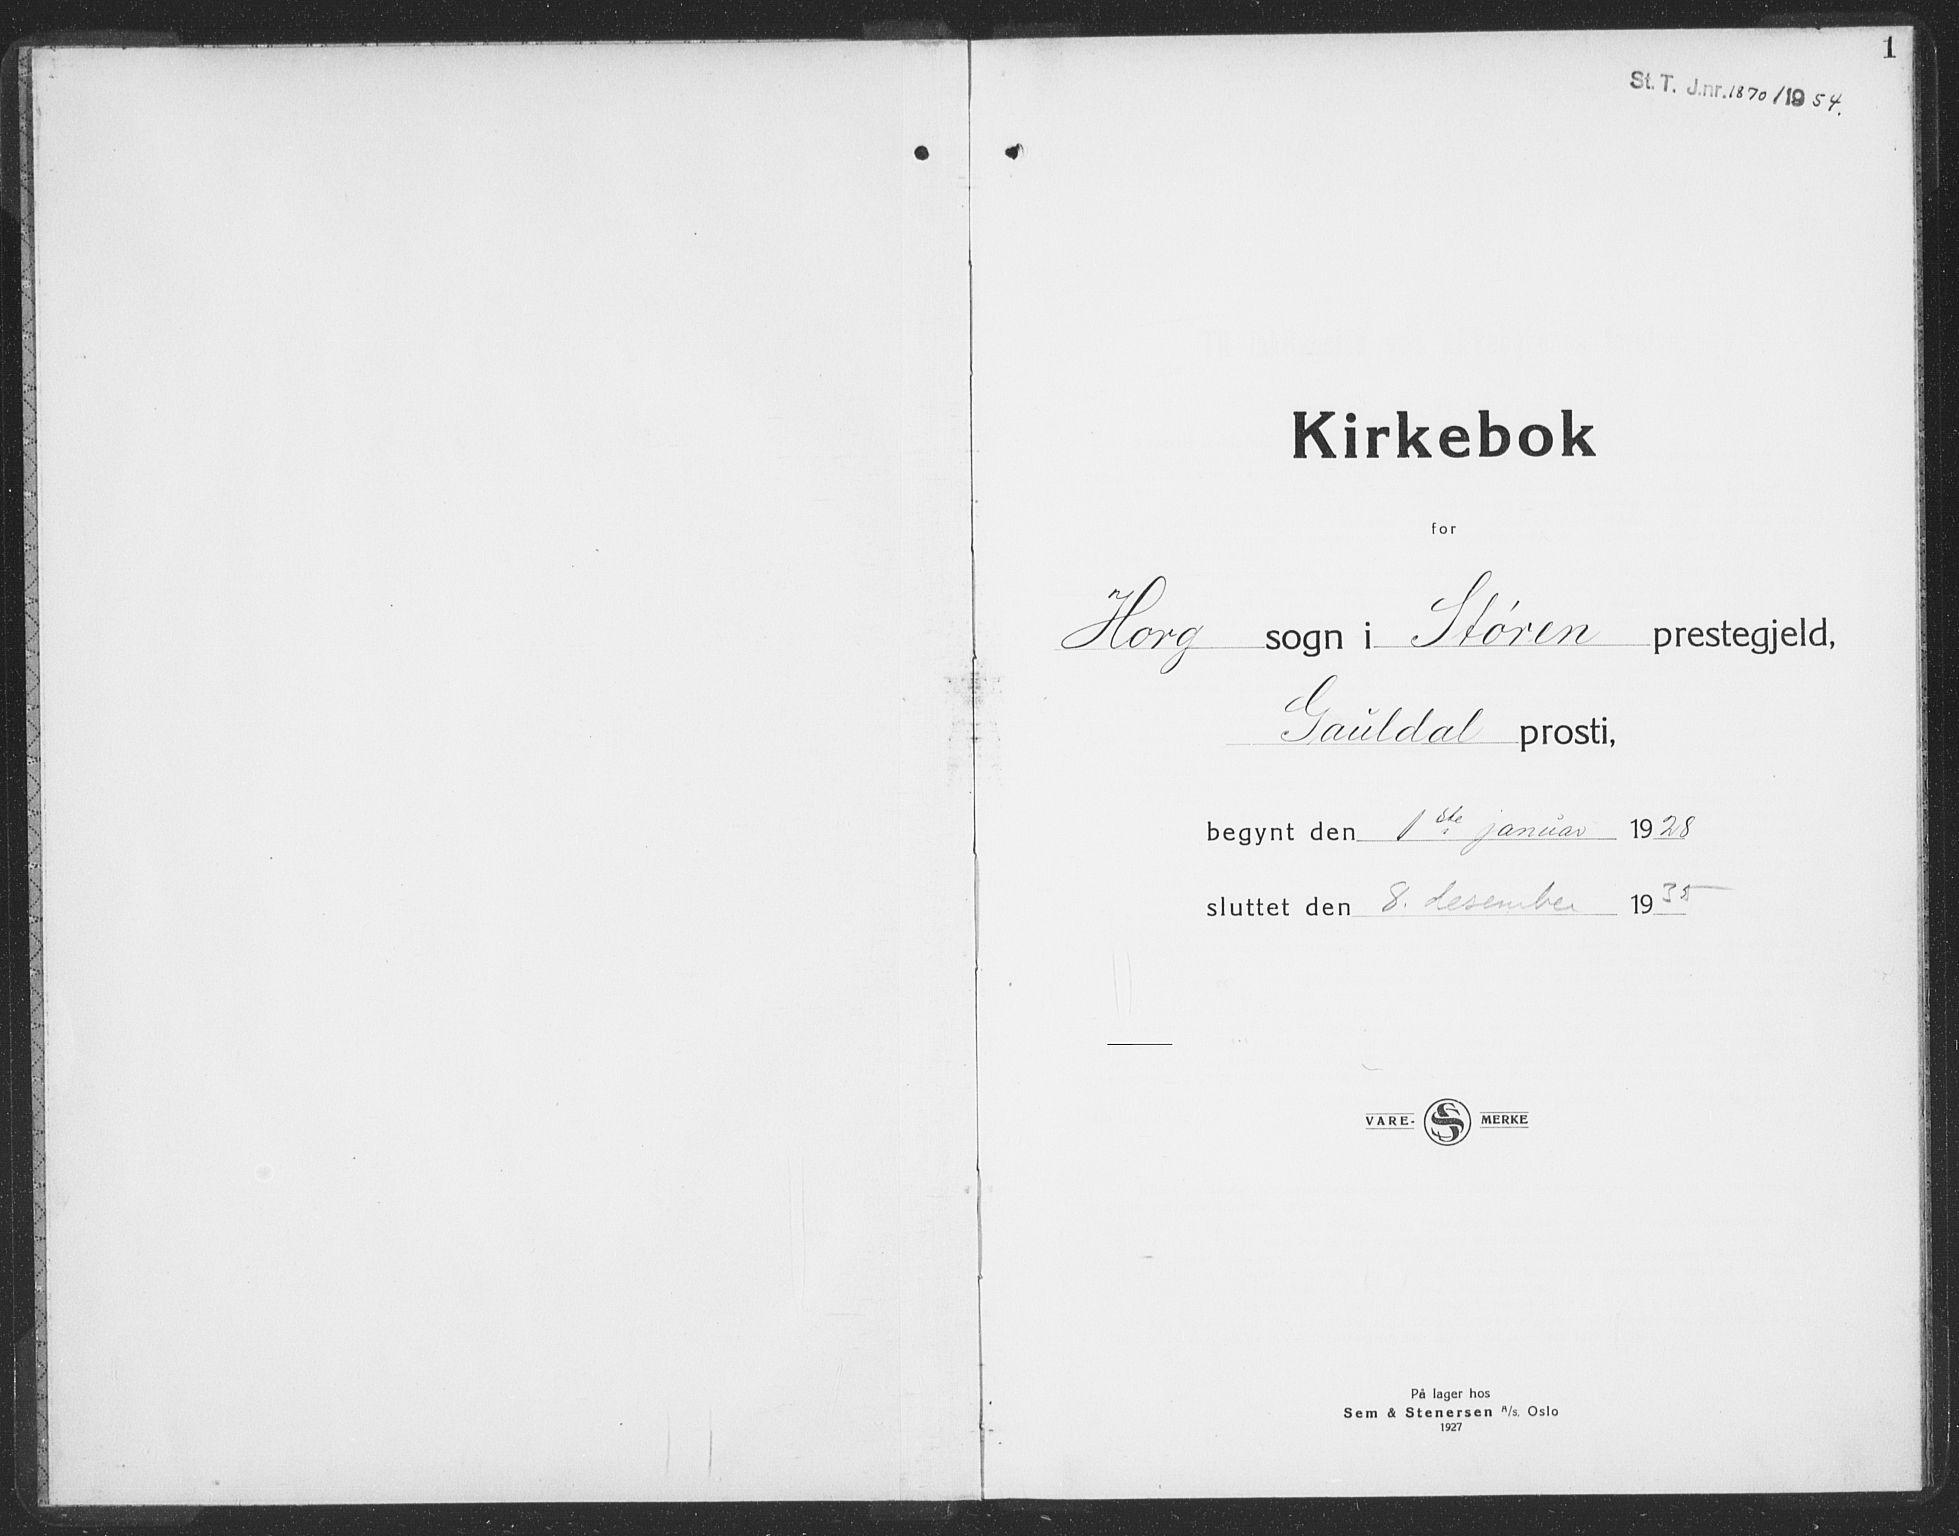 SAT, Ministerialprotokoller, klokkerbøker og fødselsregistre - Sør-Trøndelag, 692/L1114: Klokkerbok nr. 692C09, 1928-1935, s. 1